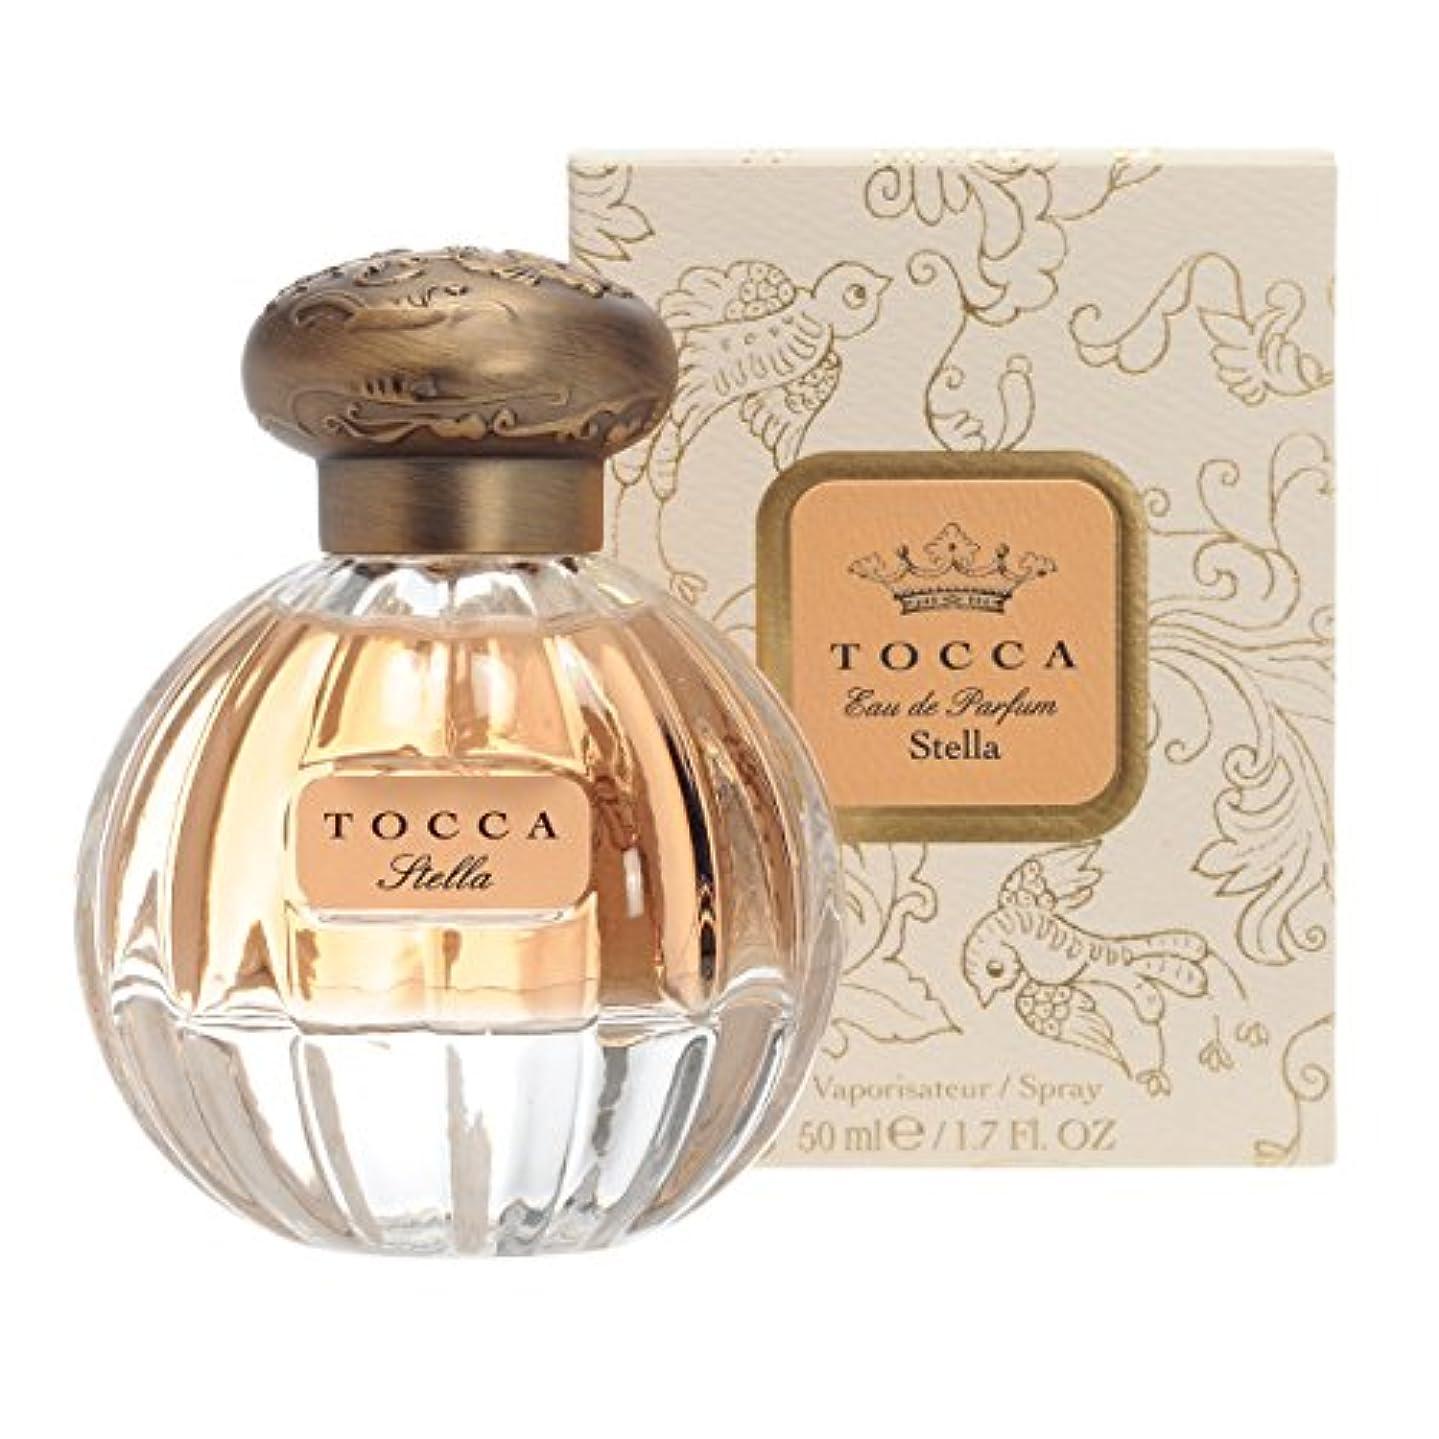 染料反抗カーペットトッカ(TOCCA) オードパルファム ステラの香り 50ml(香水 美しく気まぐれなイタリア娘のように、ブラッドオレンジがはじけるフレッシュでフルーティな香り)